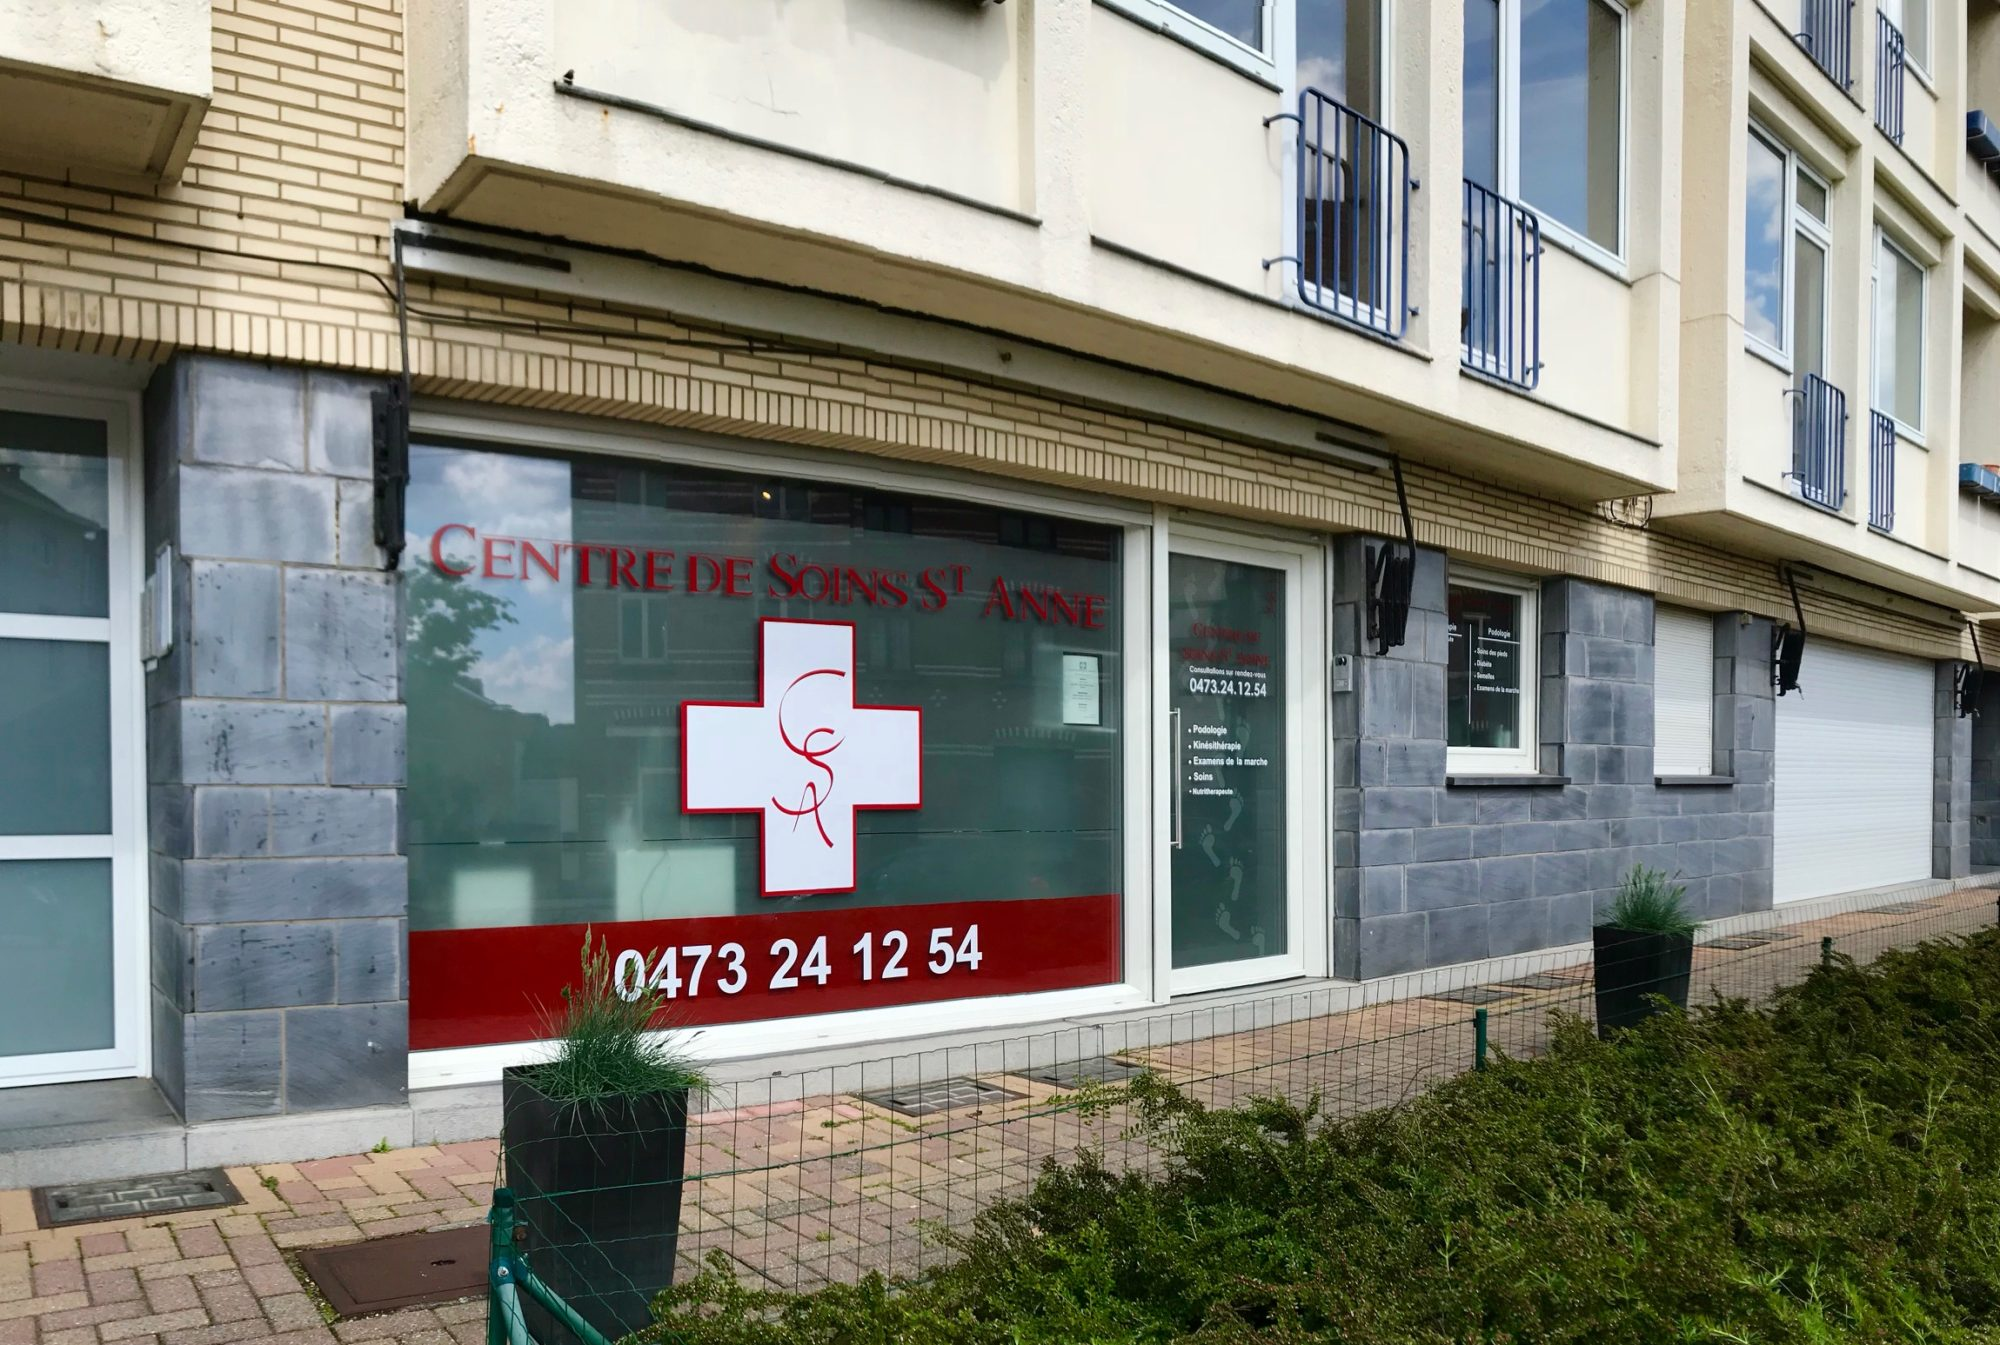 Centre de soins Sainte-Anne